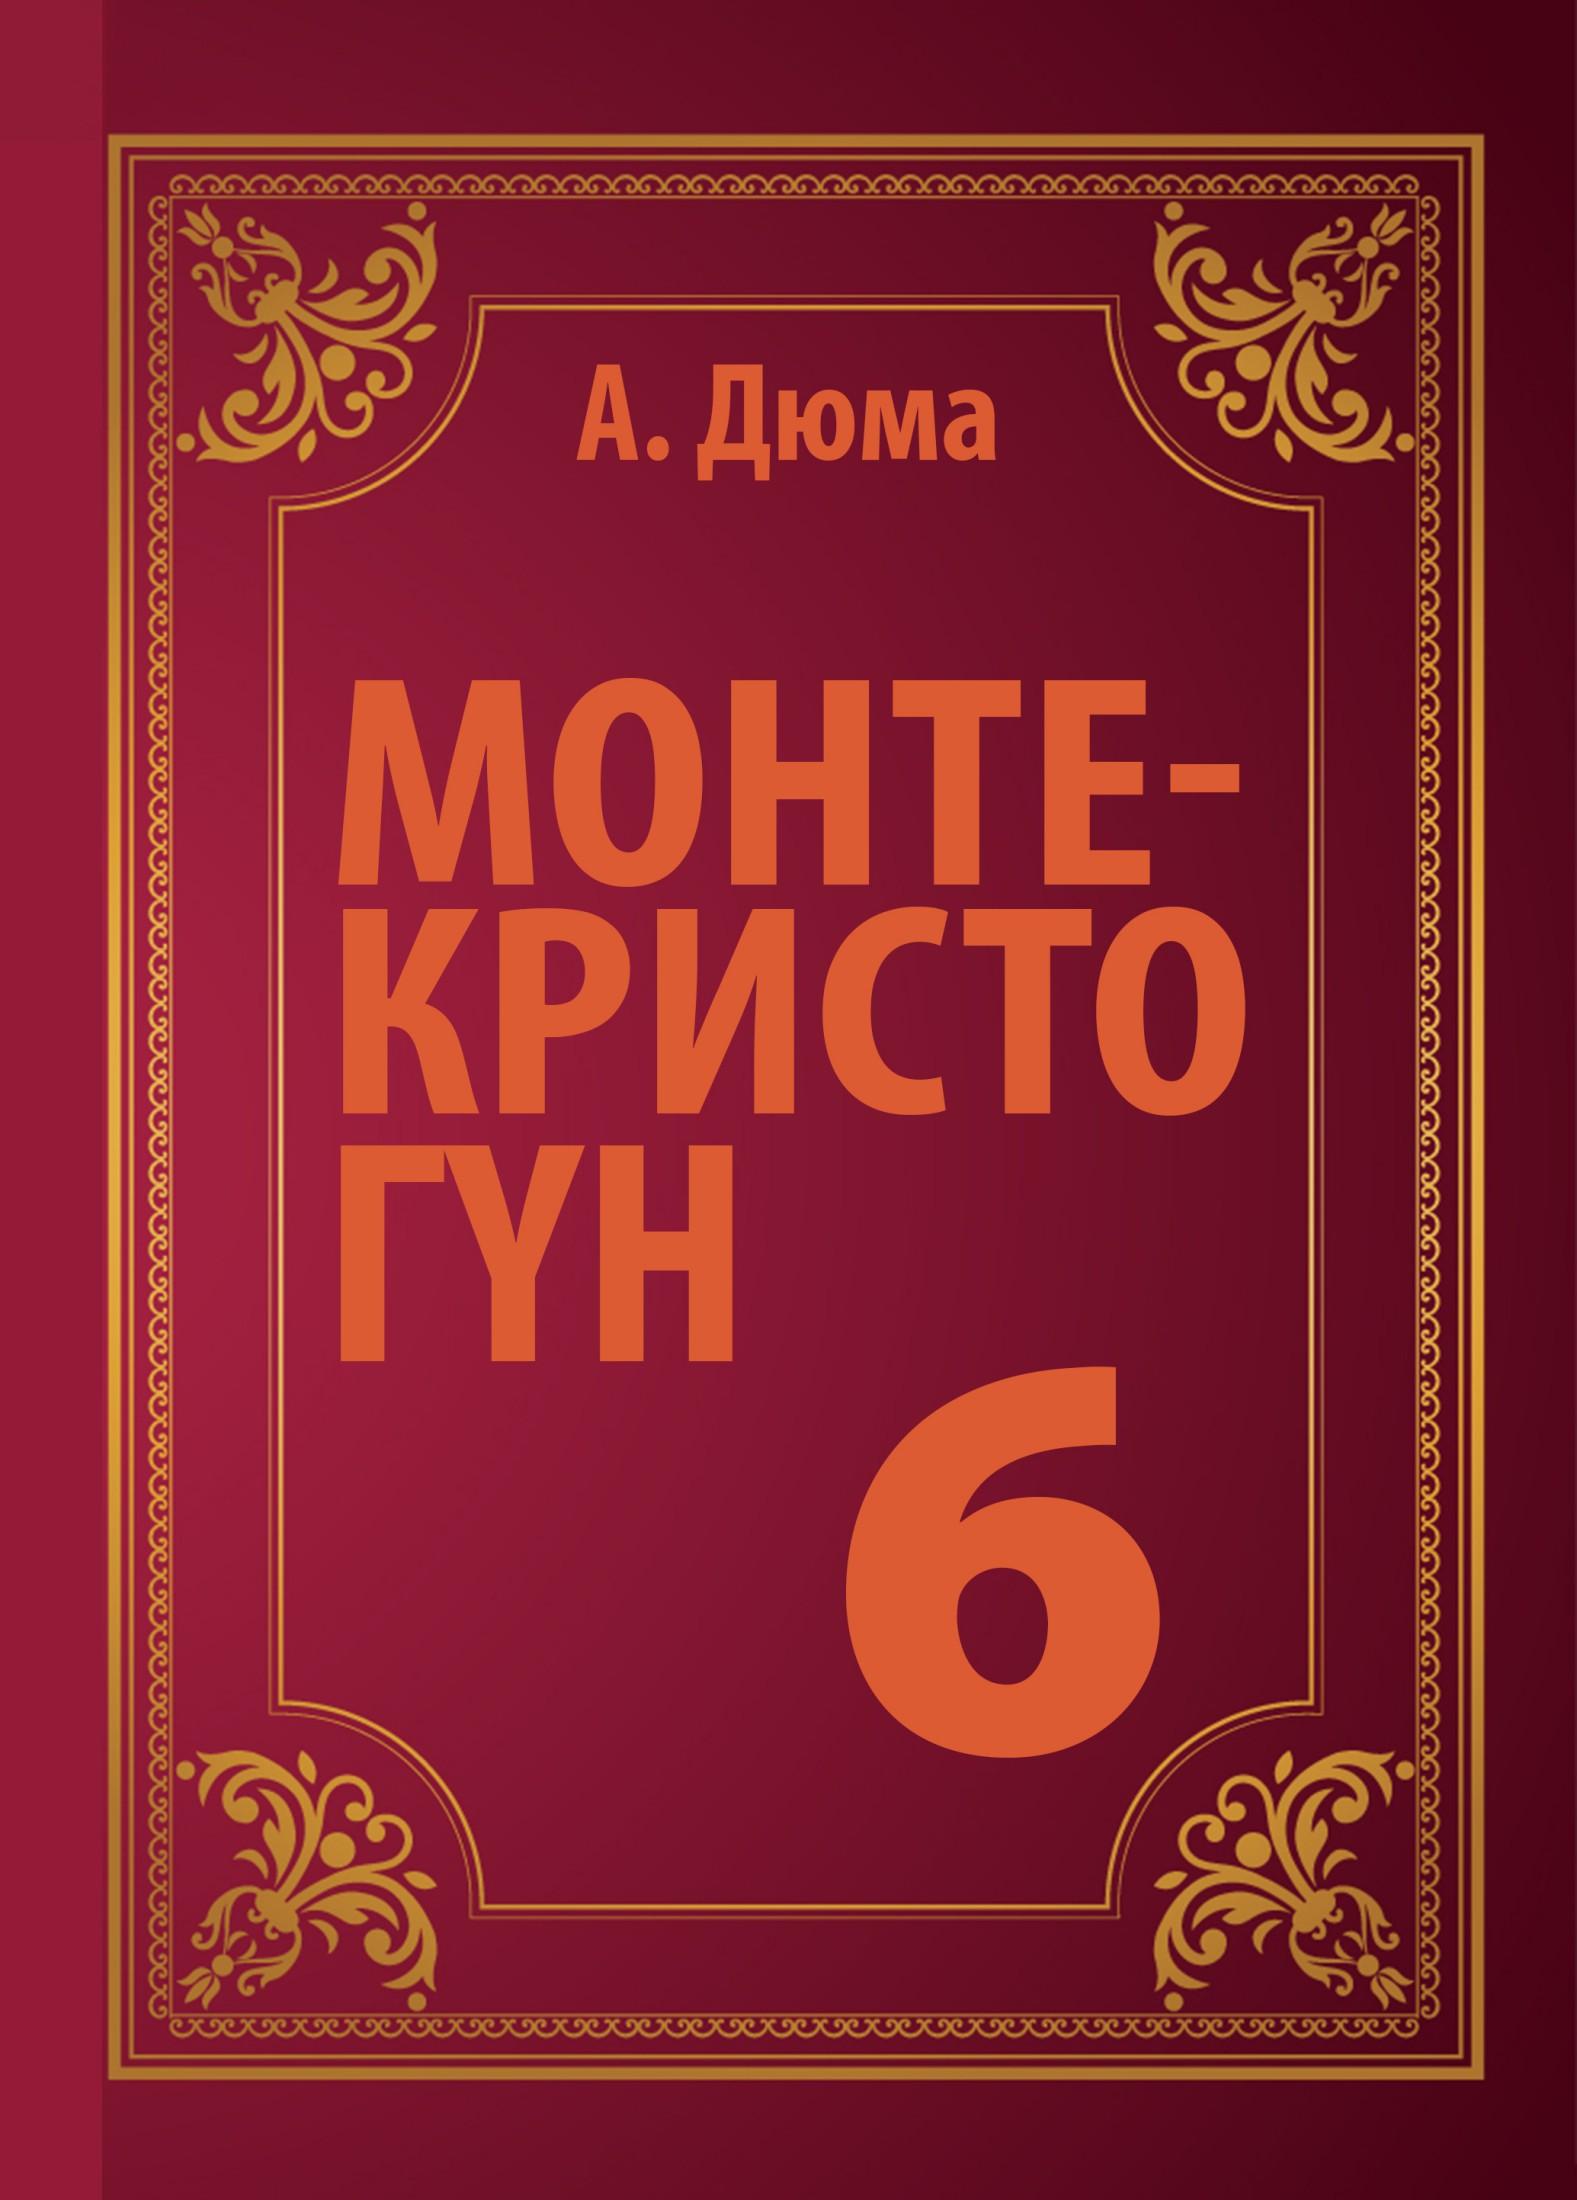 МОНТЕ-КРИСТО ГҮН 6